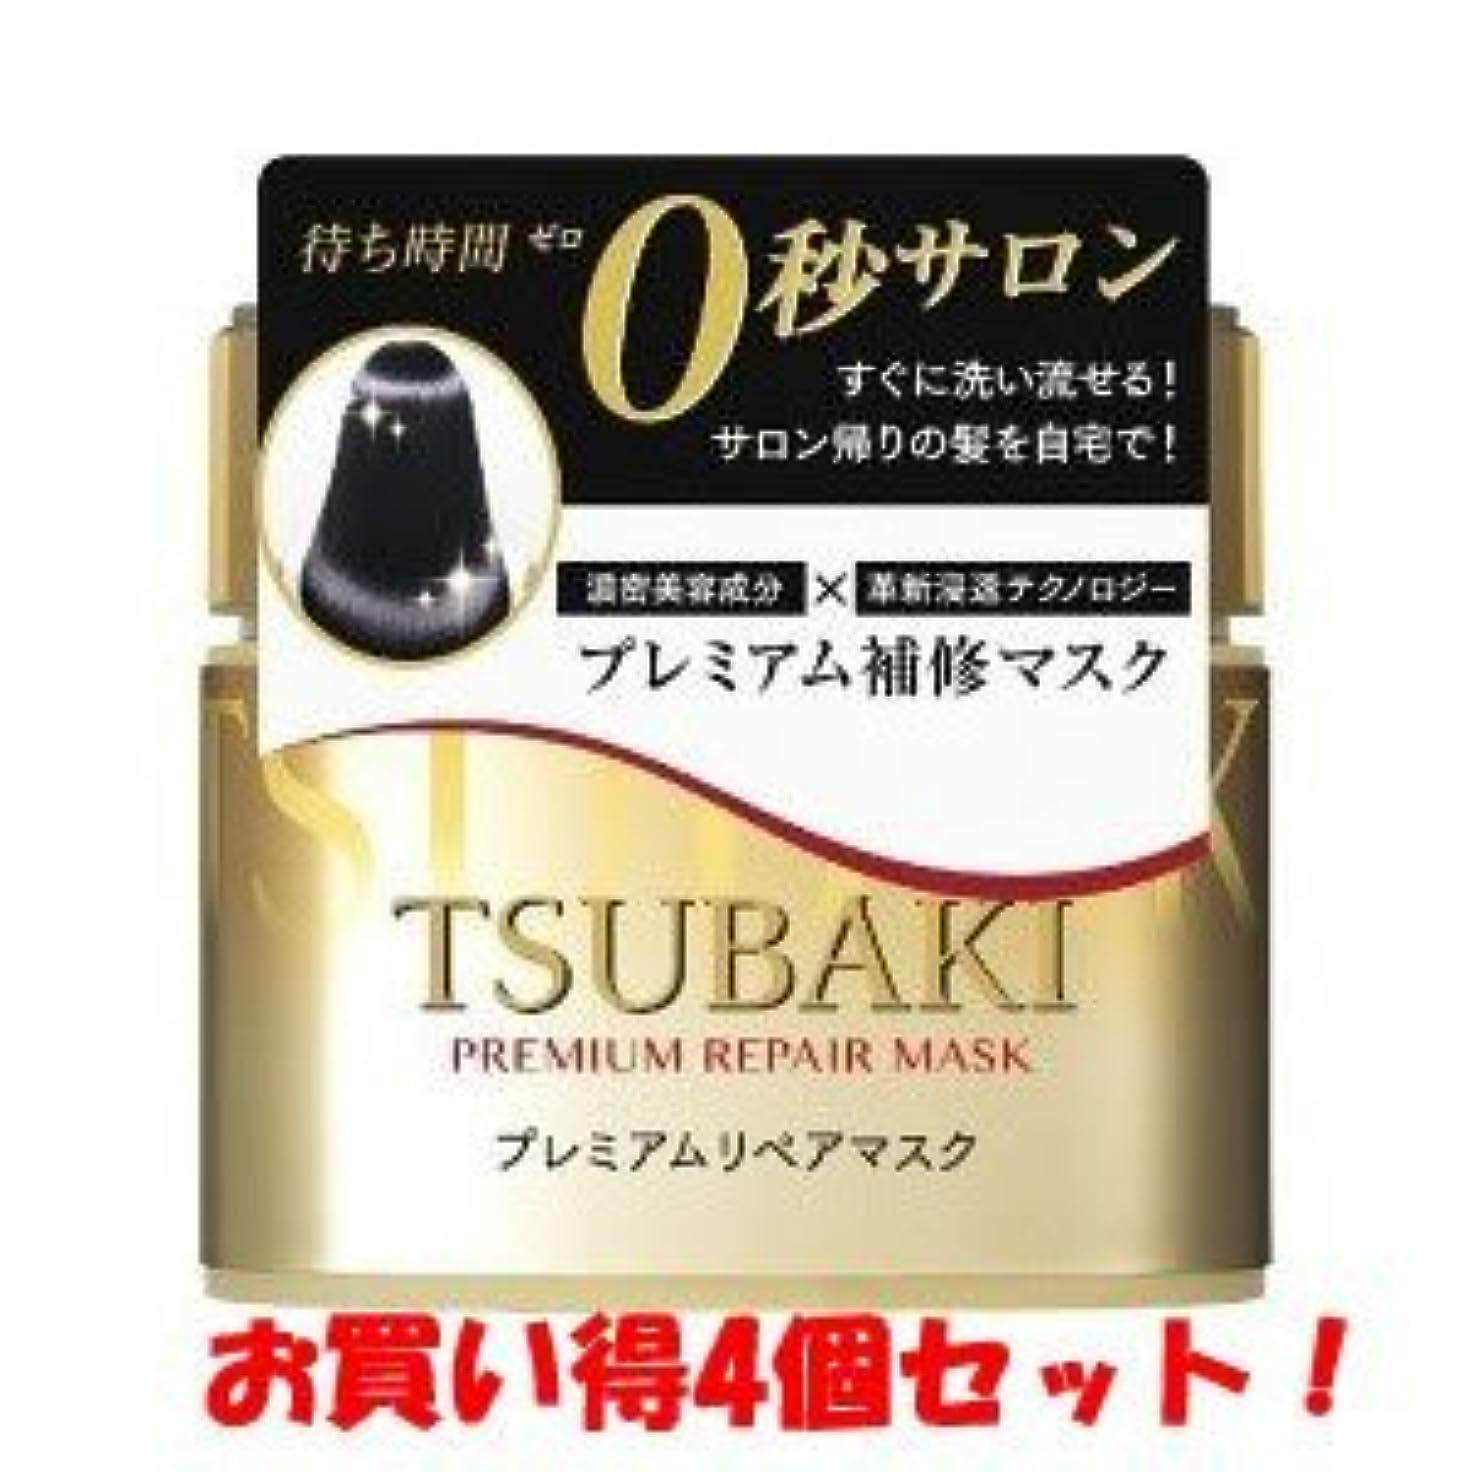 シンポジウムスポーツをする発火する(2017年の新商品)(資生堂)ツバキ(TSUBAKI) プレミアムリペアマスク 180g(お買い得4個セット)